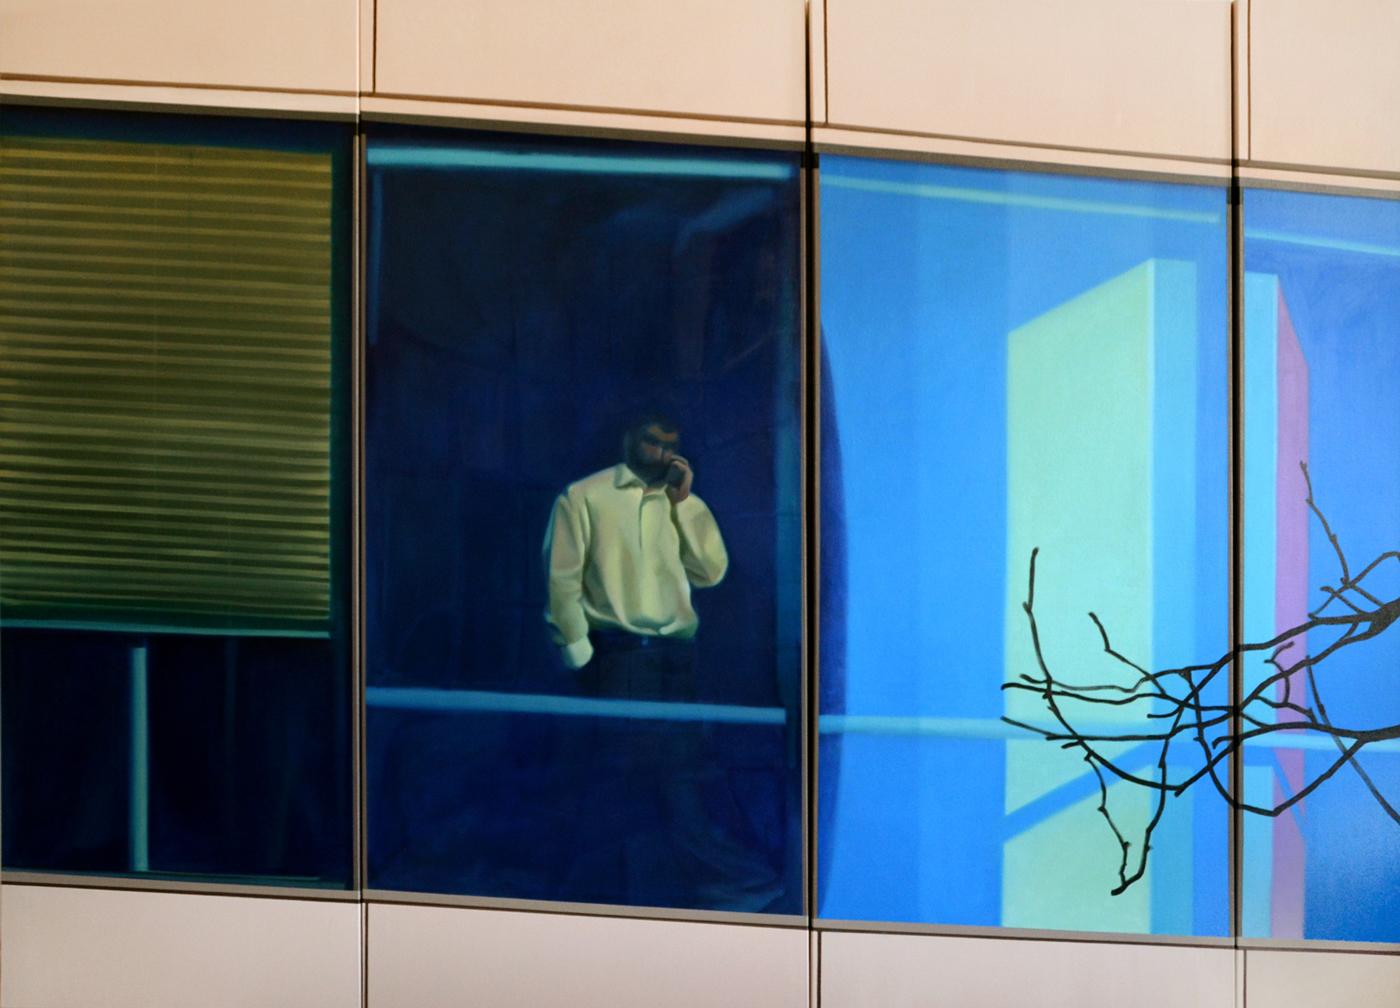 malerier, æstetiske, farverige, figurative, grafiske, arkitektur, mønstre, mennesker, teknologi, beige, blå, grønne, hørlærred, olie, arkitektoniske, smukke, bygninger, forretning, interiør, bolig-indretning, moderne, moderne-kunst, penge, Køb original kunst og kunstplakater. Malerier, tegninger, limited edition kunsttryk & plakater af dygtige kunstnere.